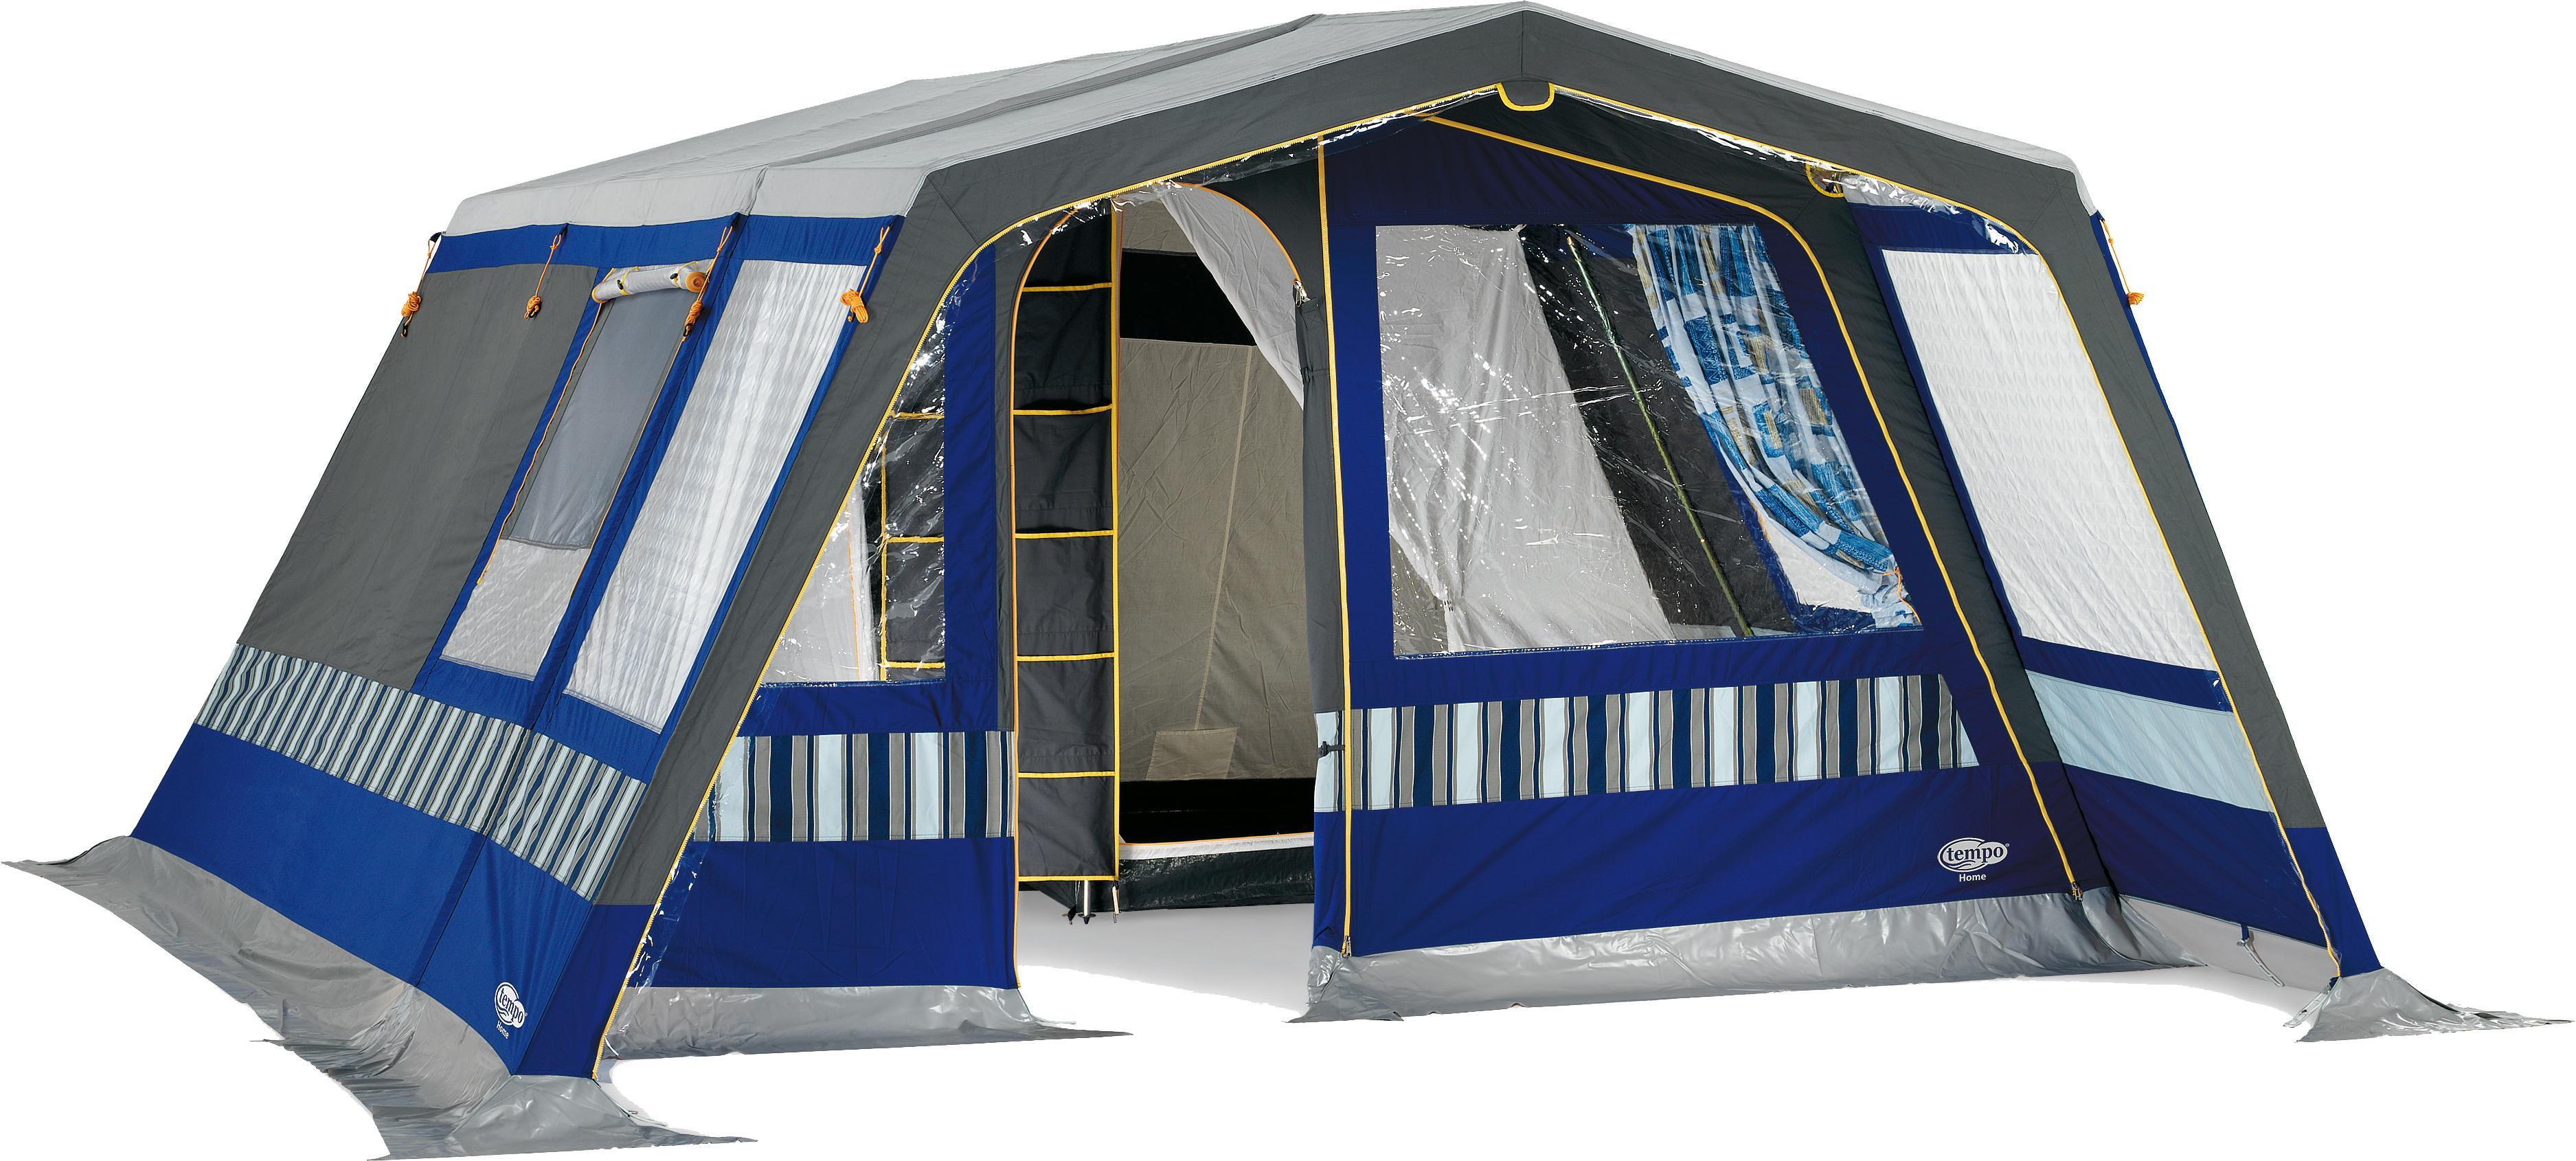 Tende da campeggio i migliori qualit prezzo viaggiamo for Tende da campeggio decathlon